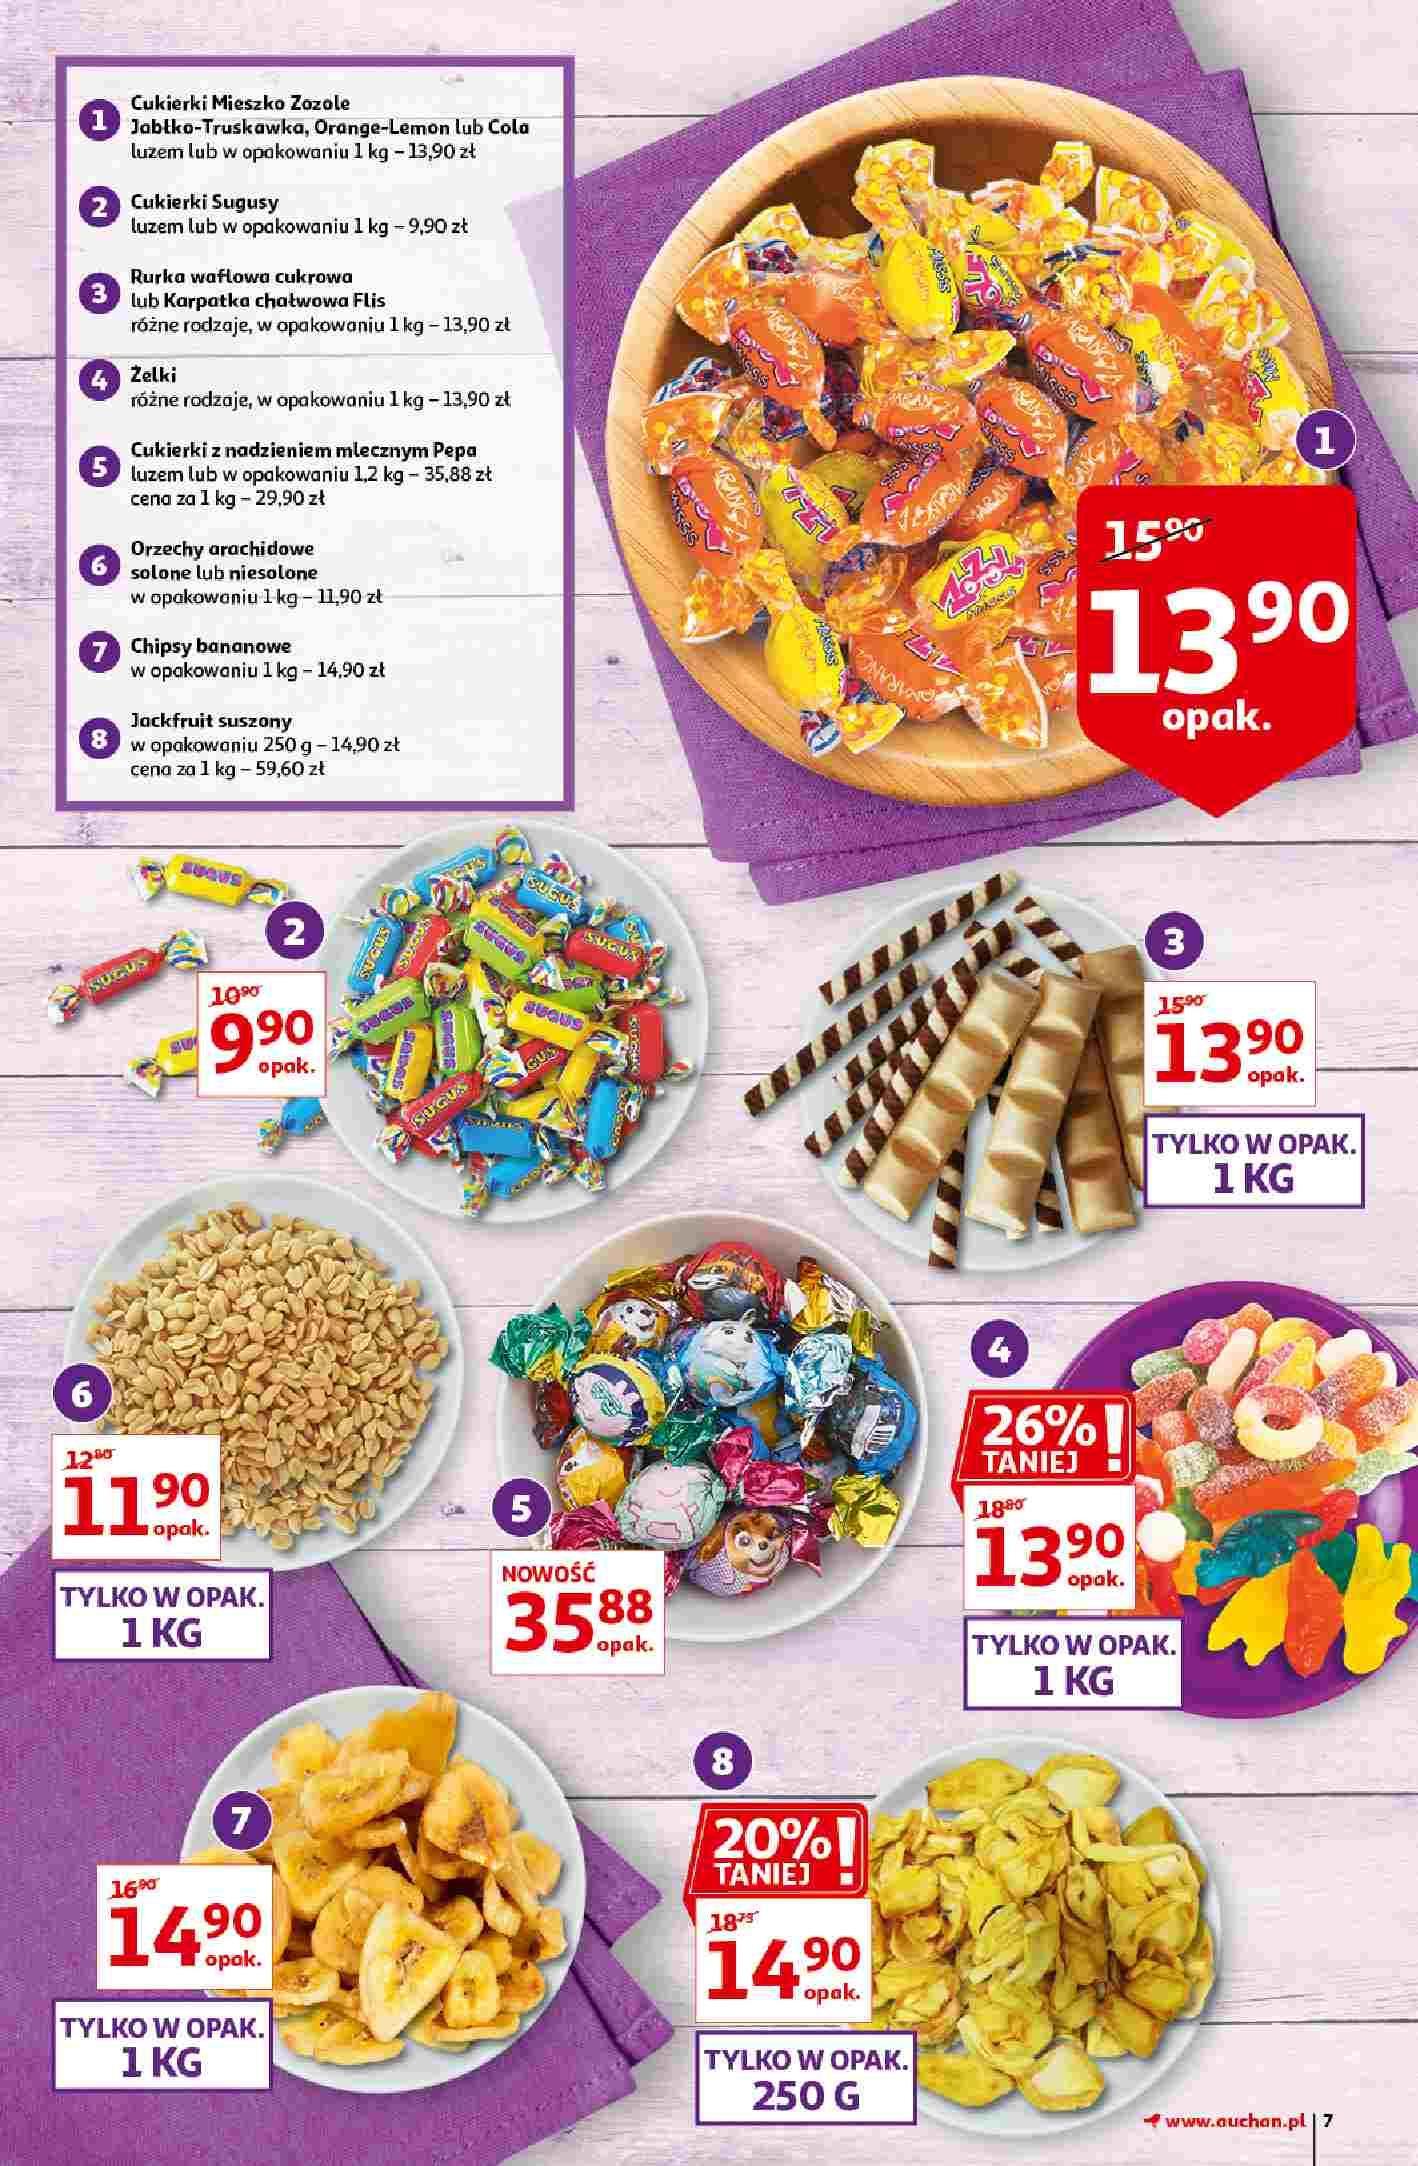 Gazetka promocyjna Auchan do 03/06/2020 str.6